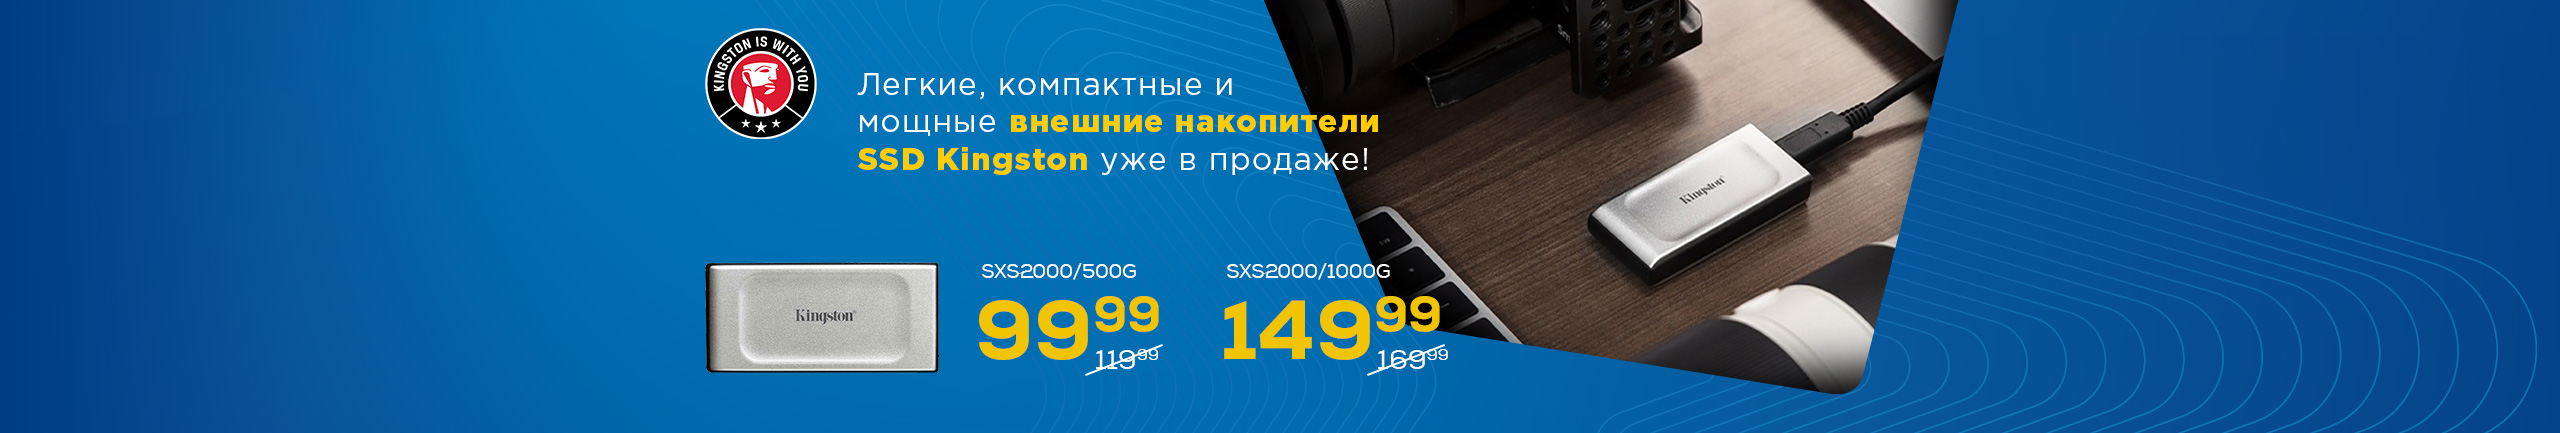 Легкие, компактные и мощные внешние накопители SSD Kingston уже в продаже!